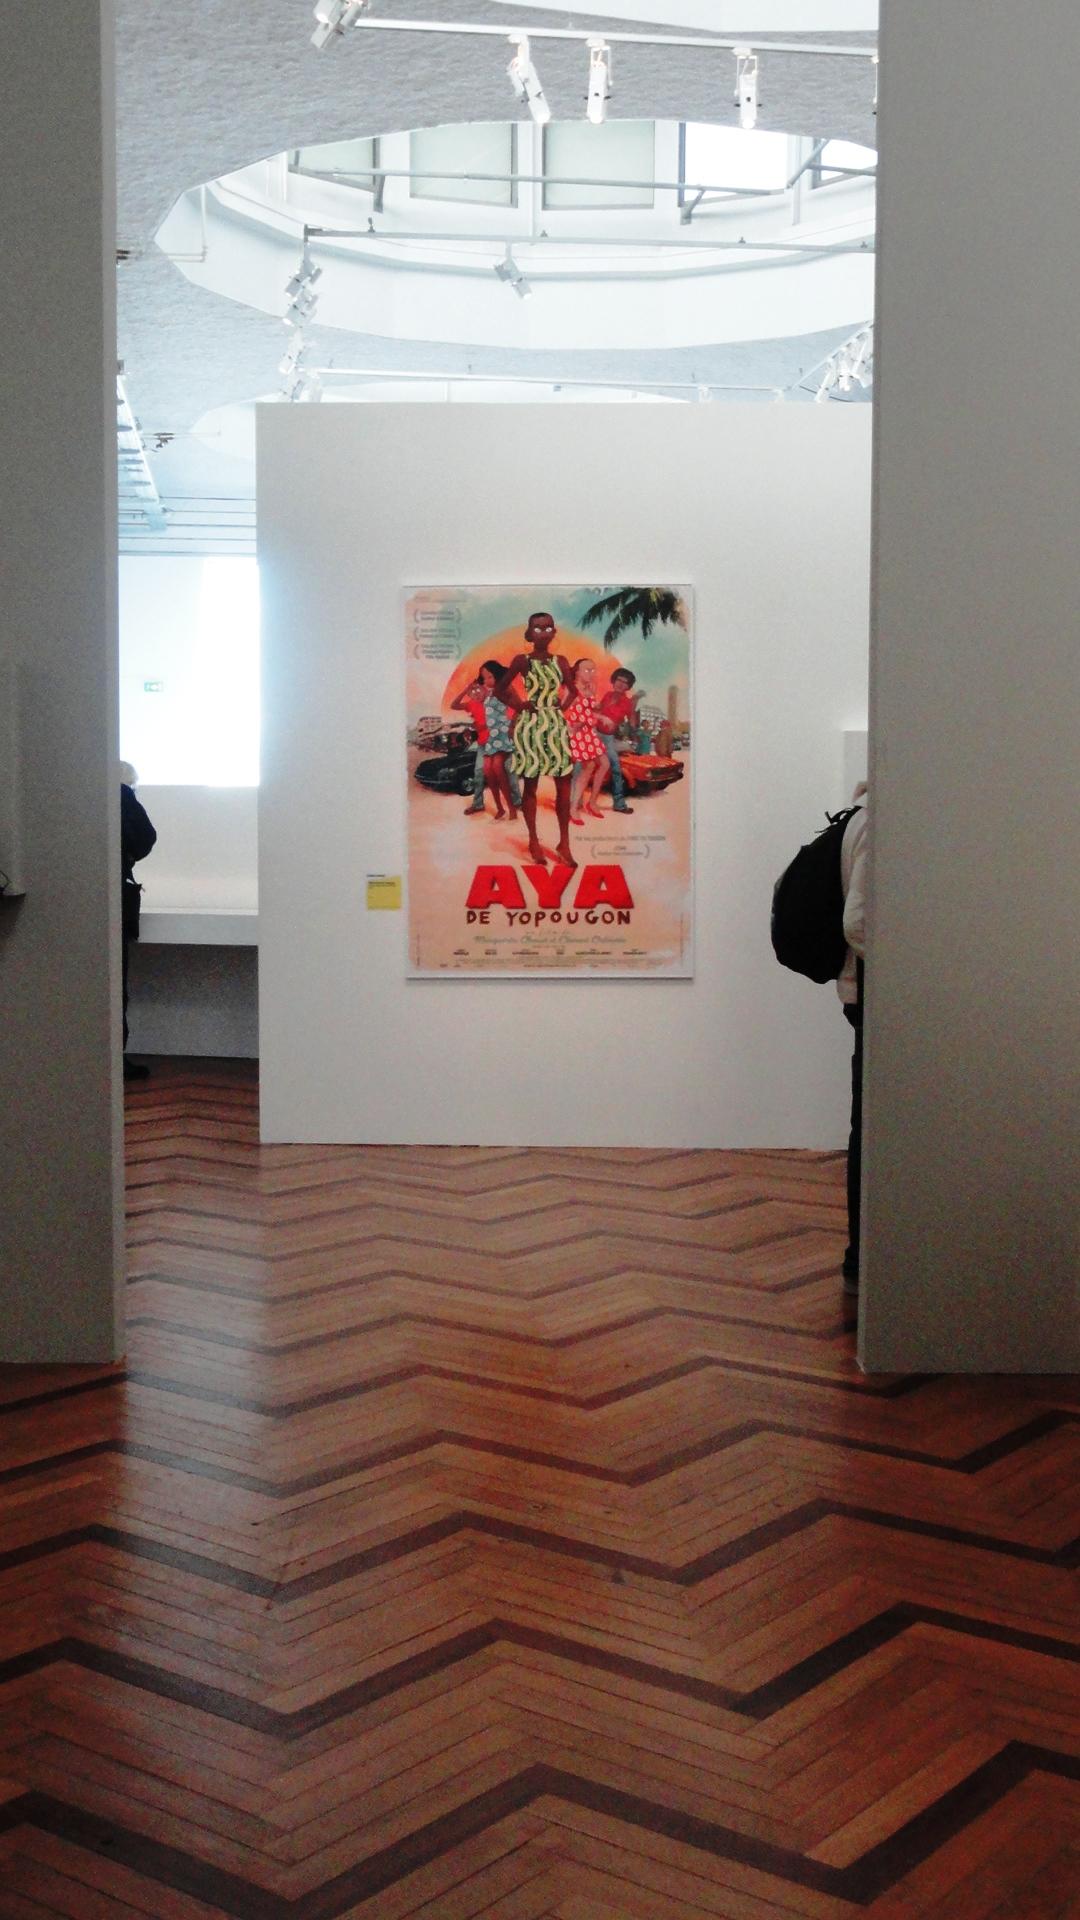 Palais de la Porte Dorée - Musée de l'Histoire de l'Immigration - Exposition Albums